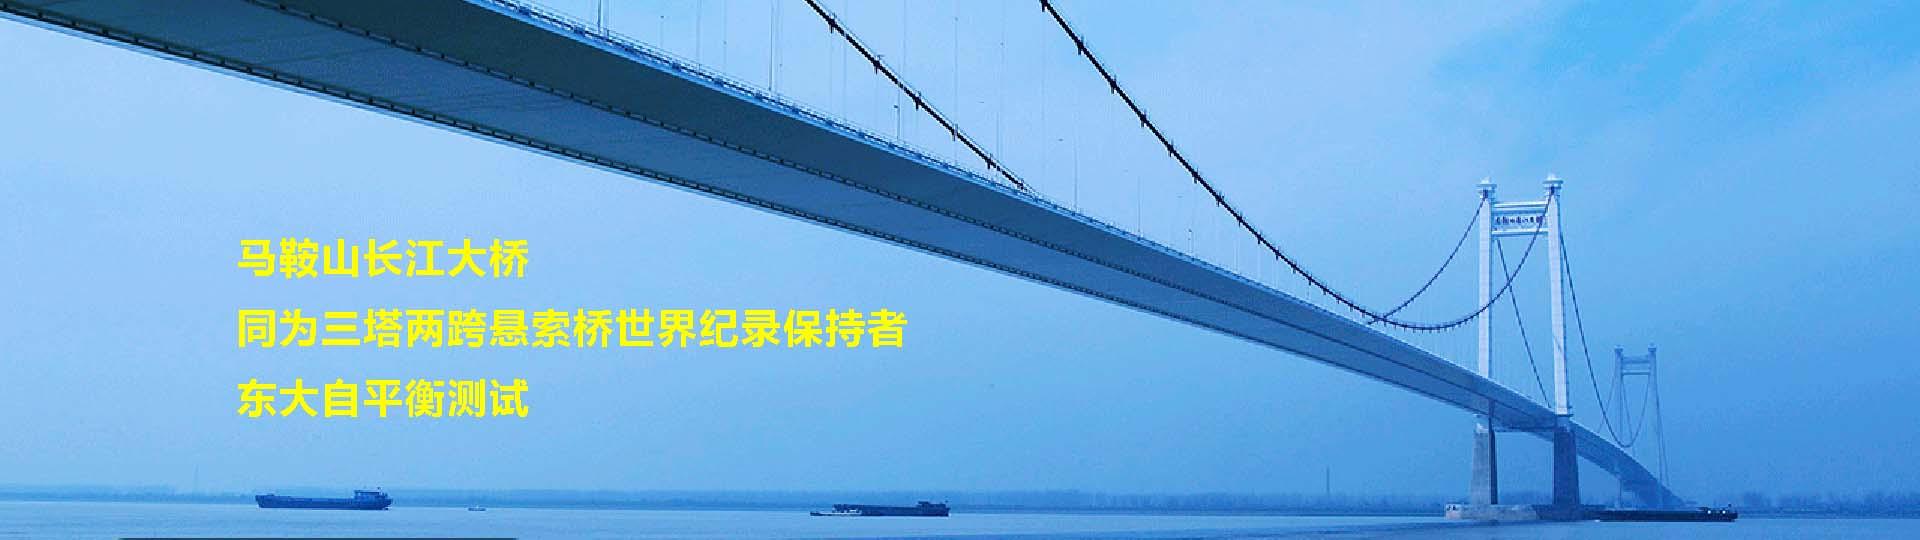 马鞍山长江大桥